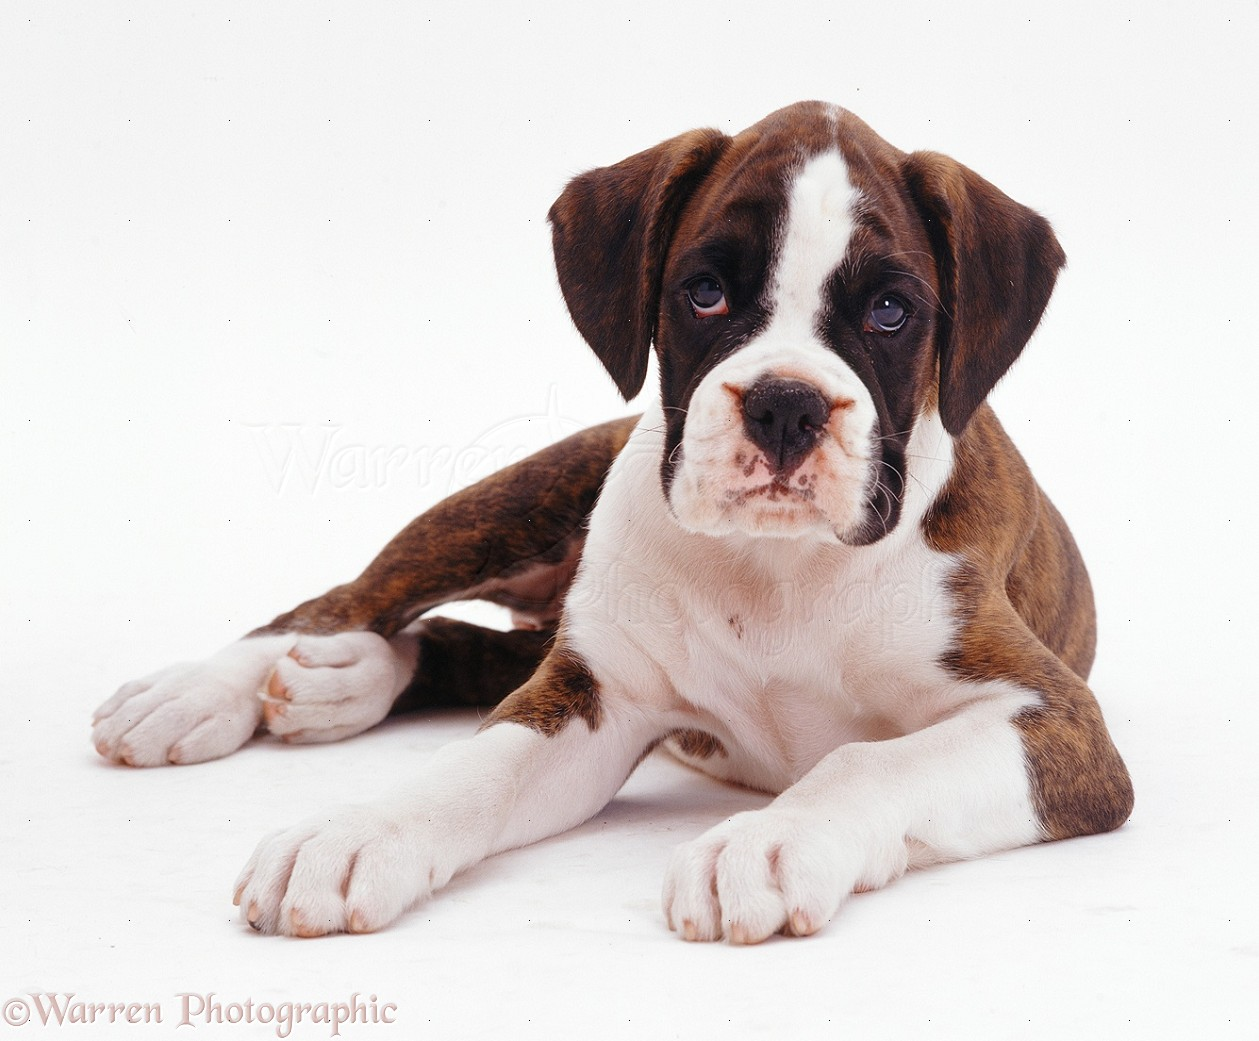 Dog: Brindle-and-white Boxer pup photo - WP08029